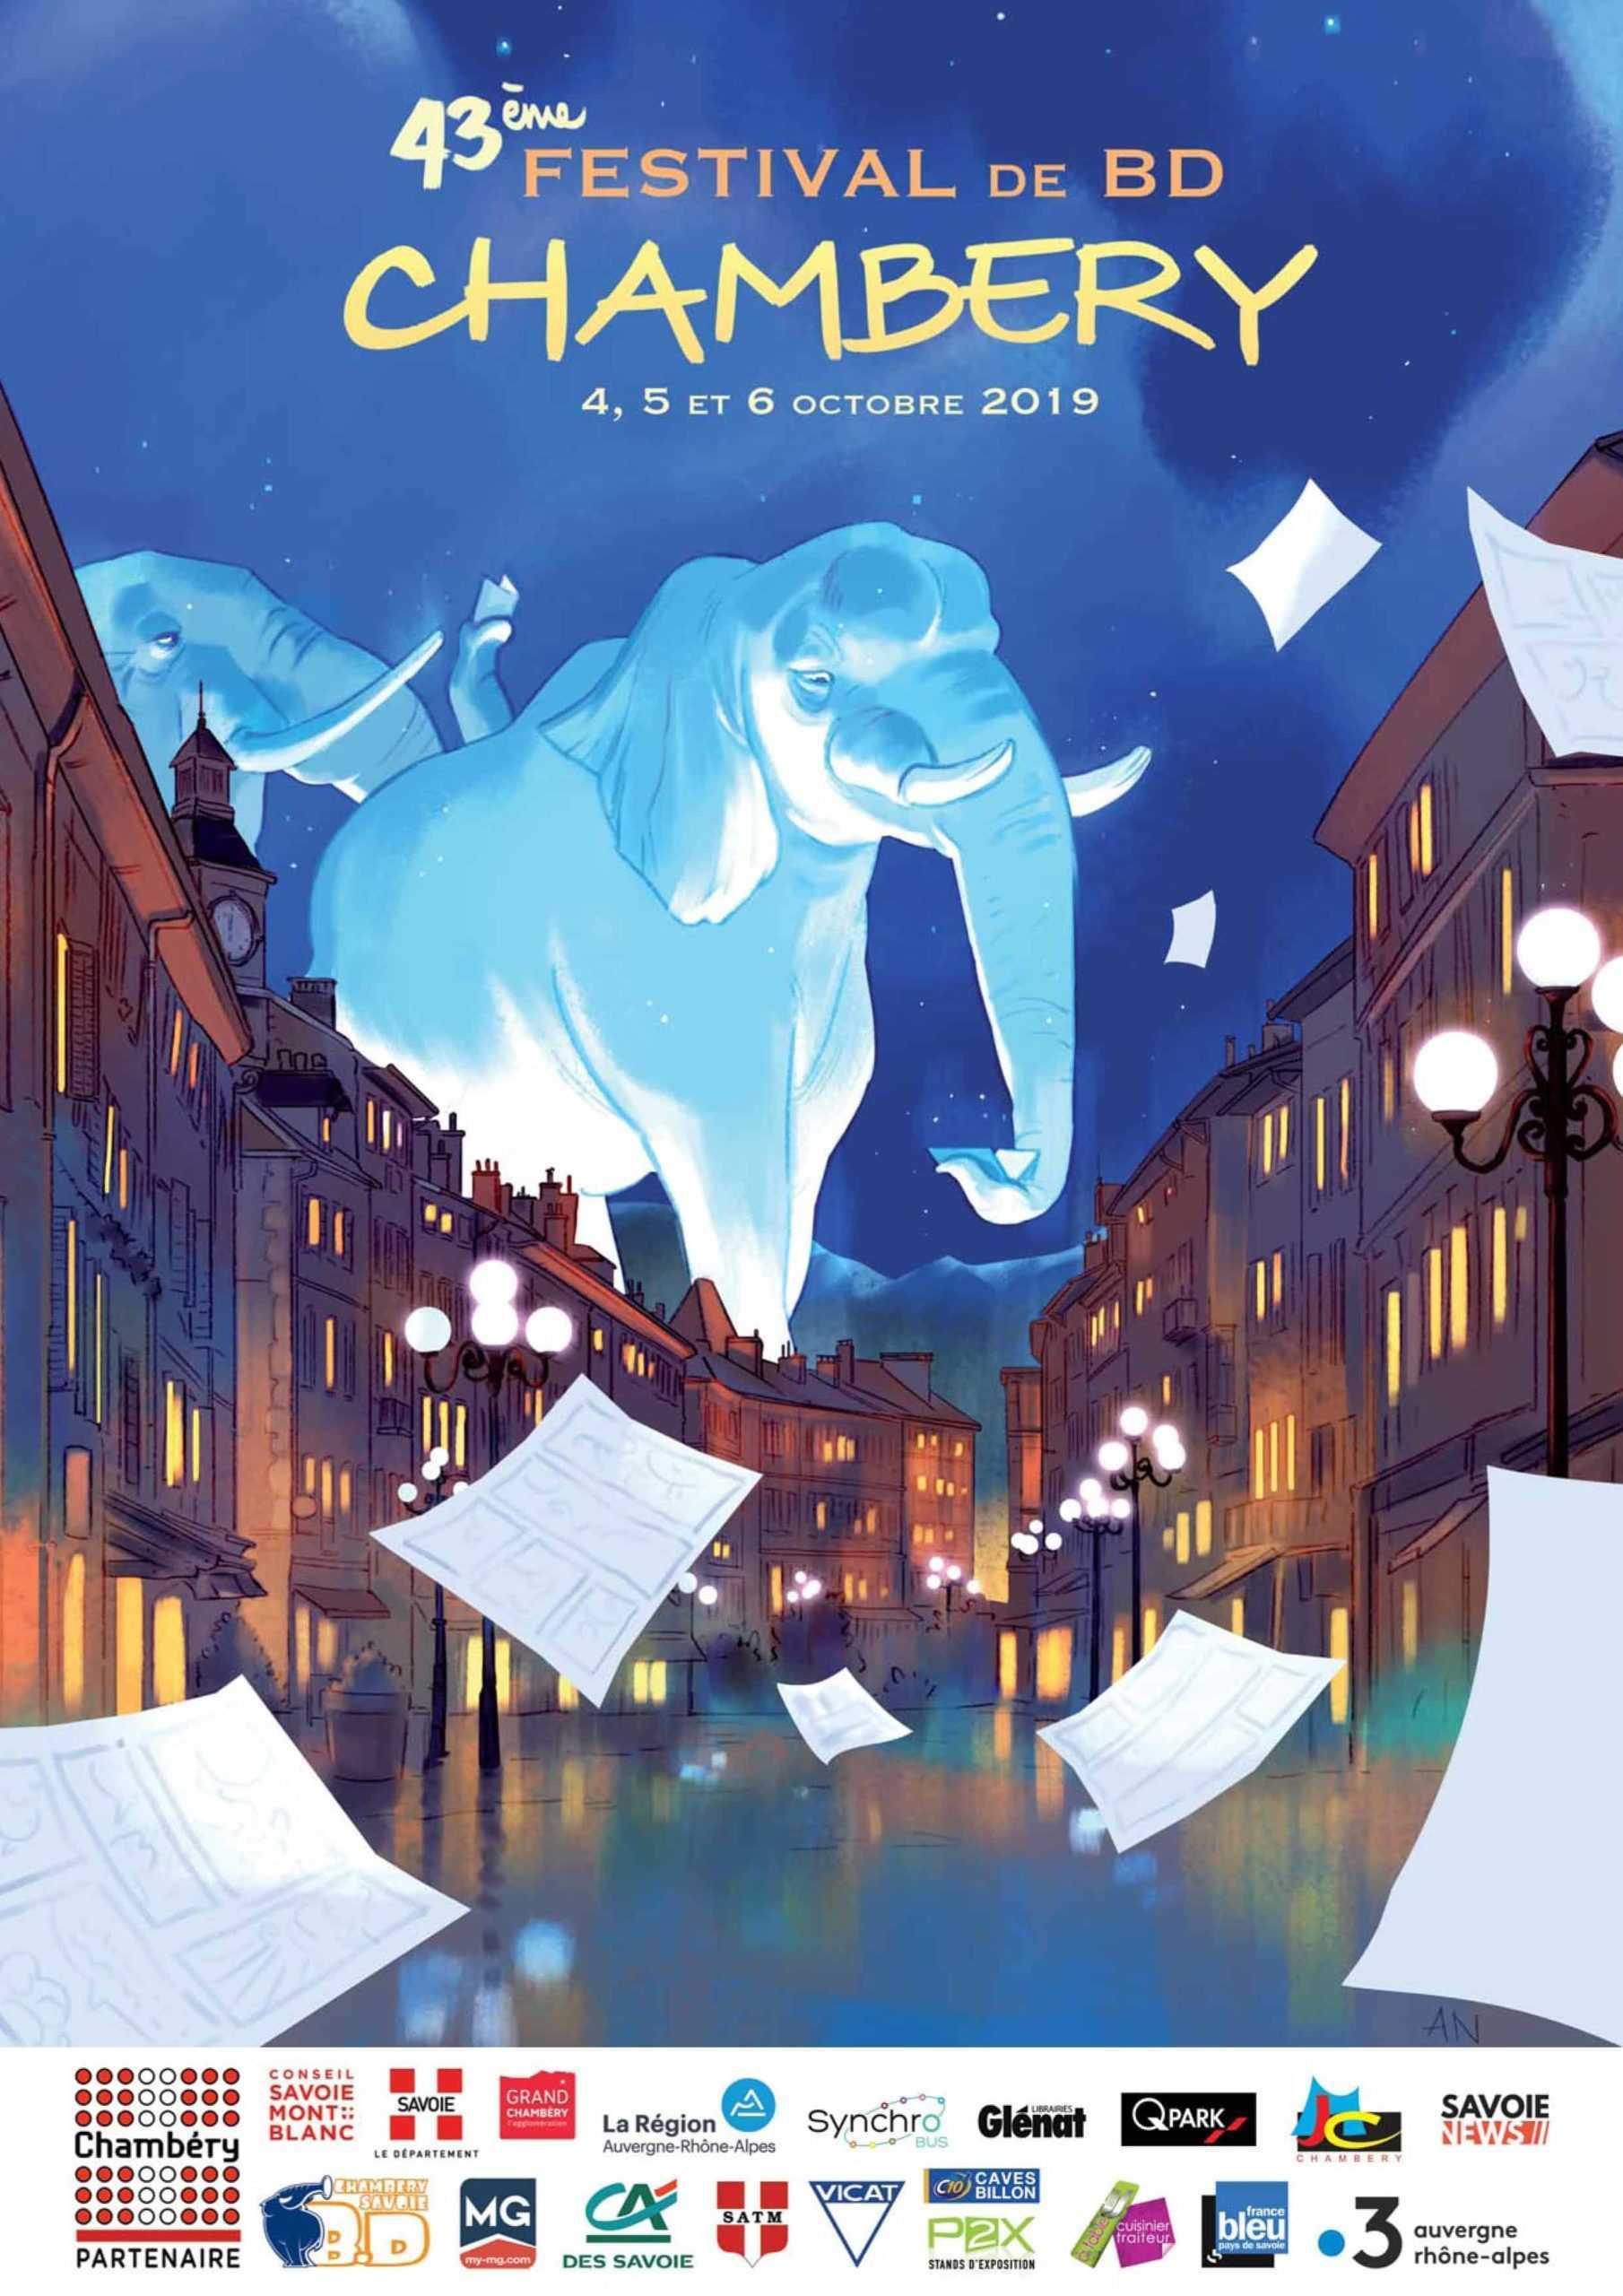 43e Festival de Chambéry, Aurélie Neyret invitée d'honneur signe l'affiche 2019